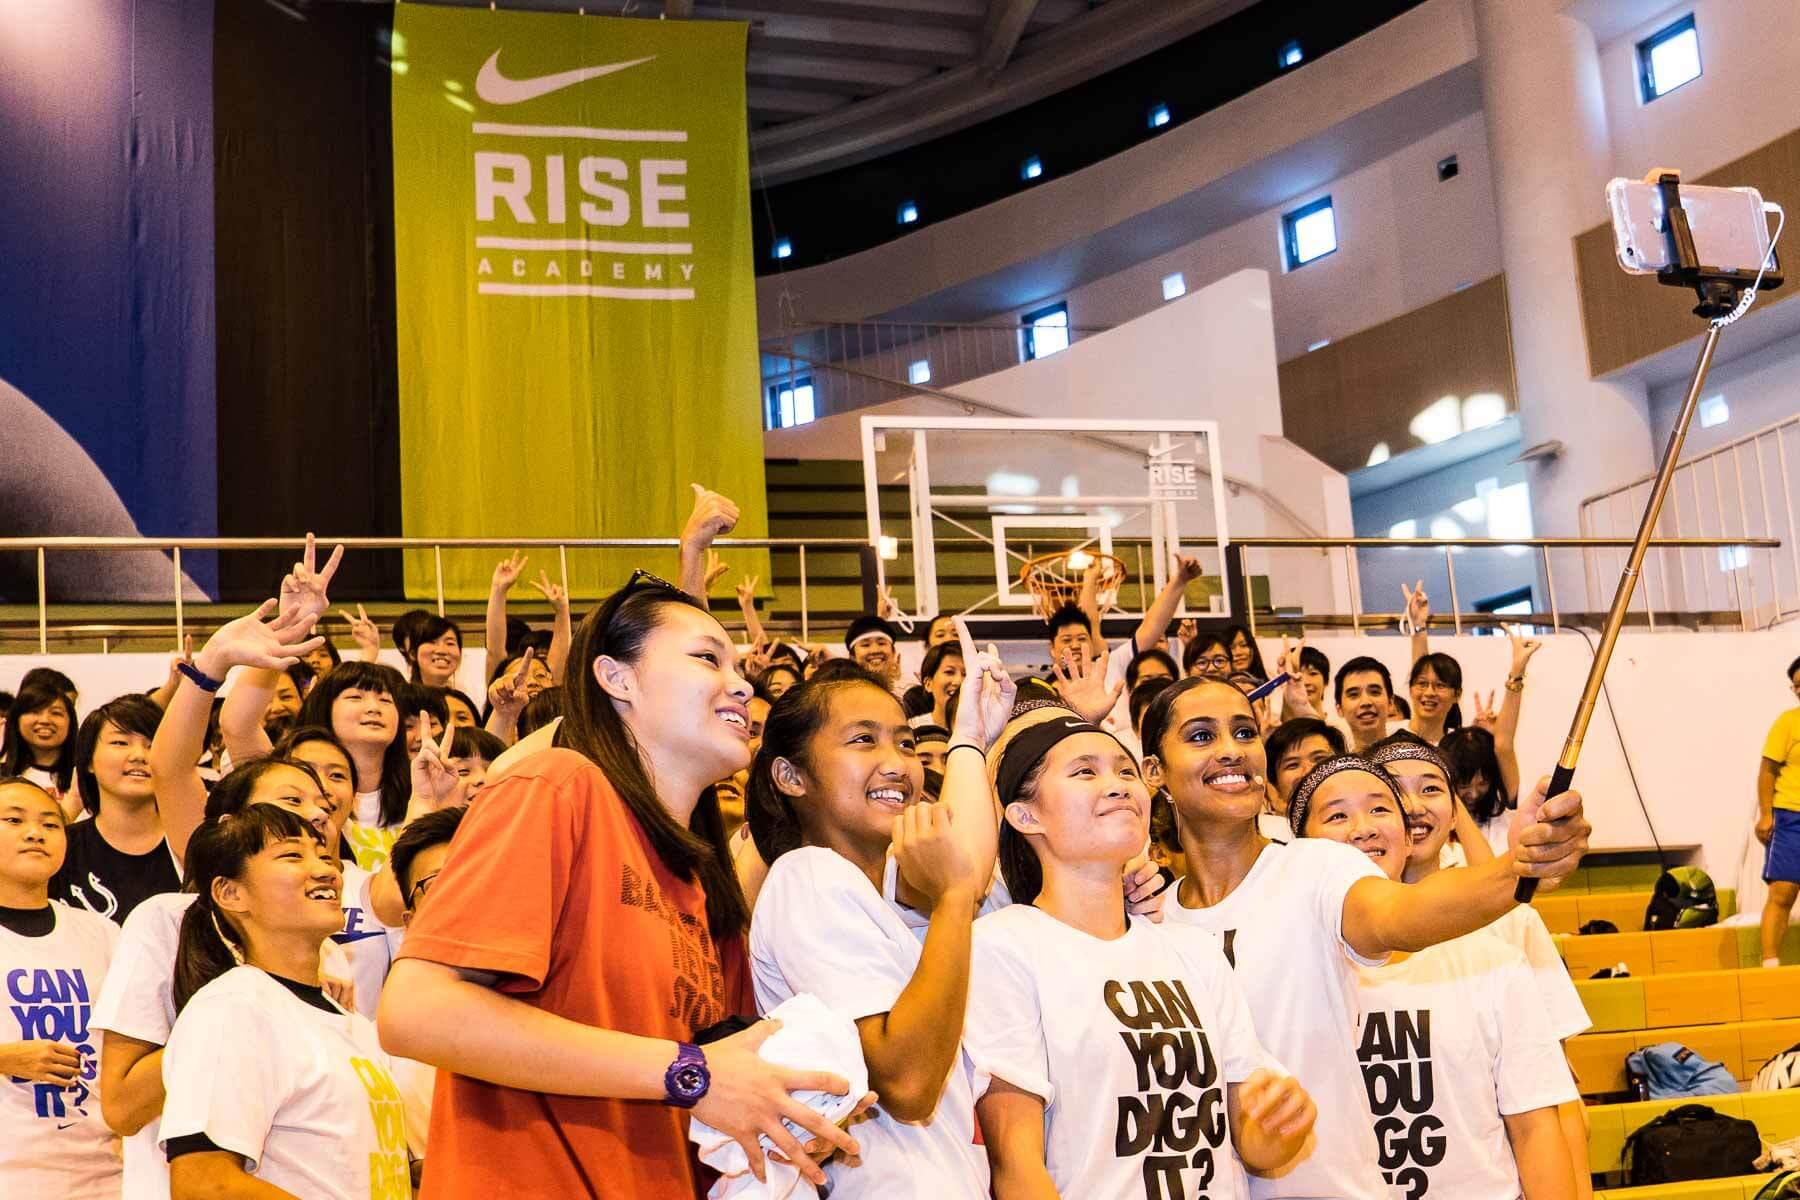 勘履直擊 / SKYLAR DIGGINS 台北籃球之旅 NIKE RISE ACADEMY 2016